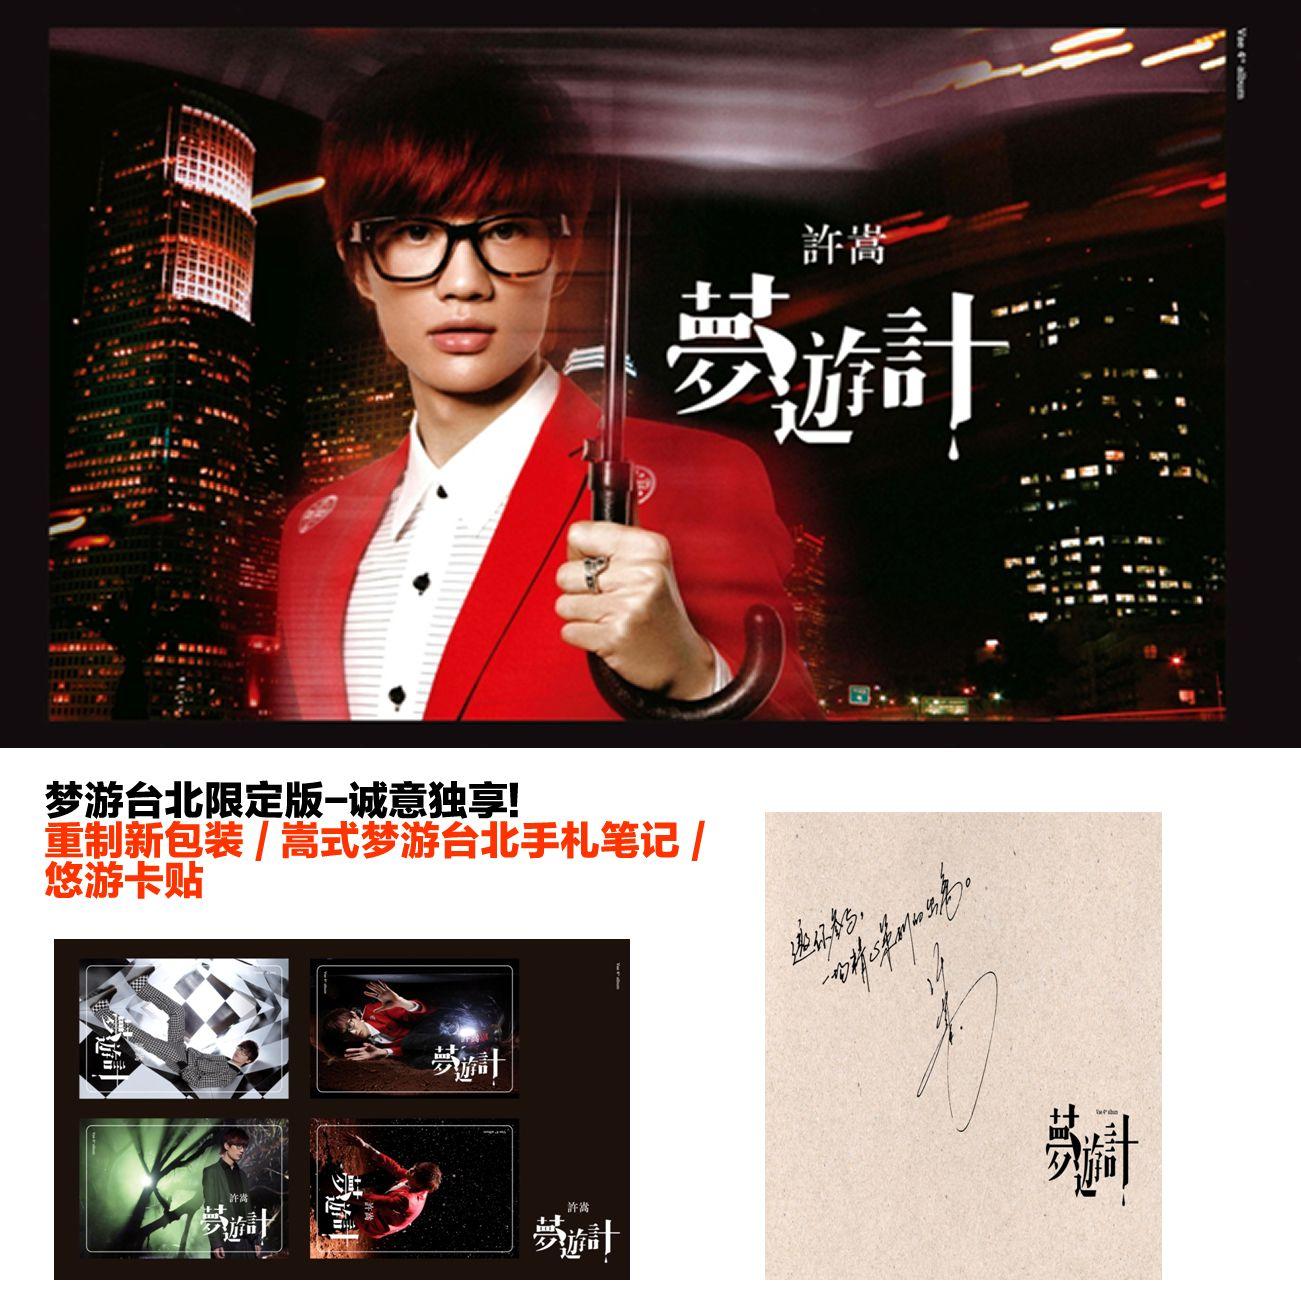 许嵩梦游记照片_许嵩要发台版《梦游记》,怎么都没大有消息?